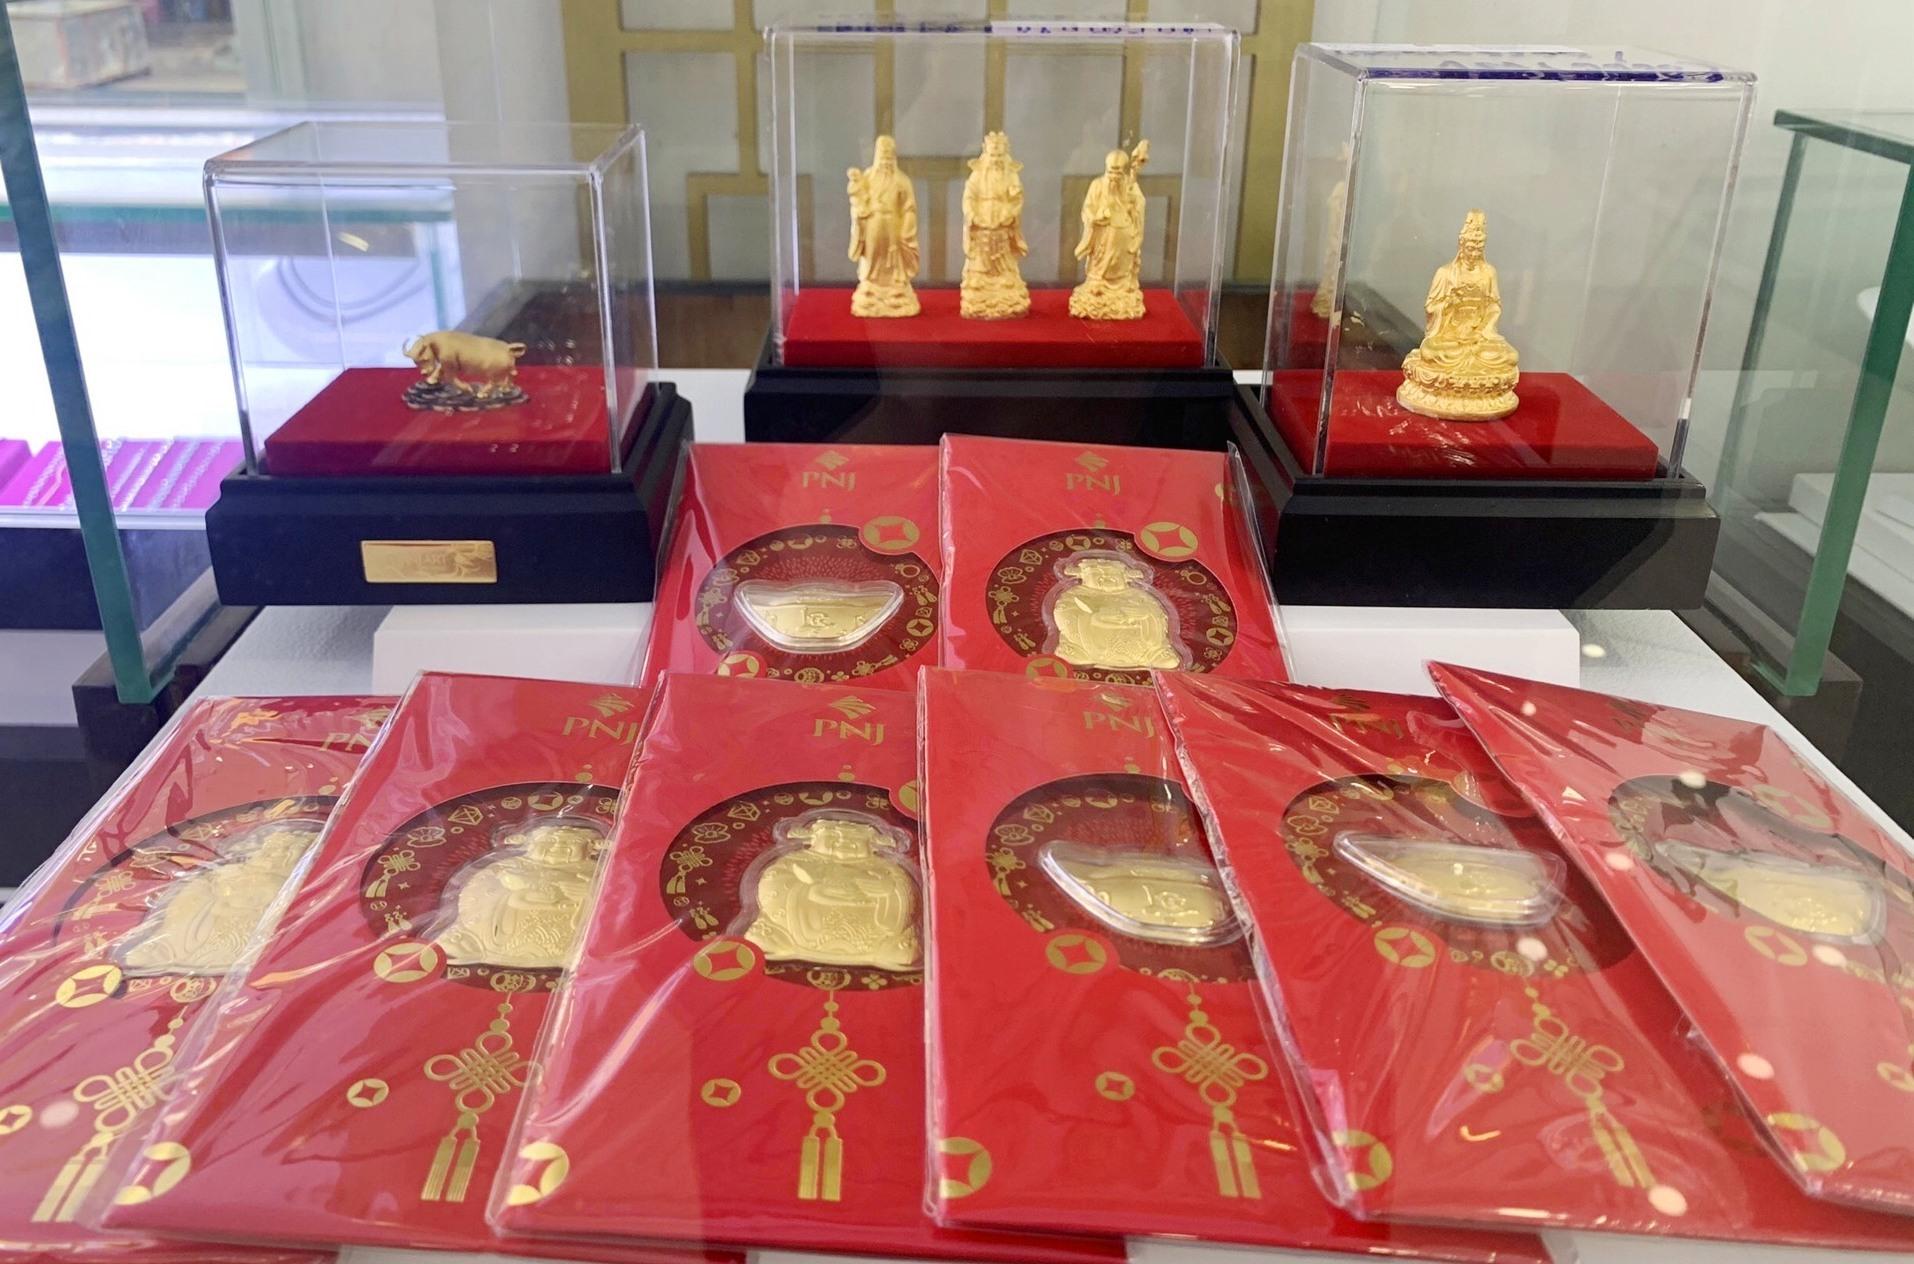 Nhiều sản phẩm vàng dành riêng cho ngày thần tài được bày bán tại cửa hàng PNJ Tam Kỳ. Ảnh: KL